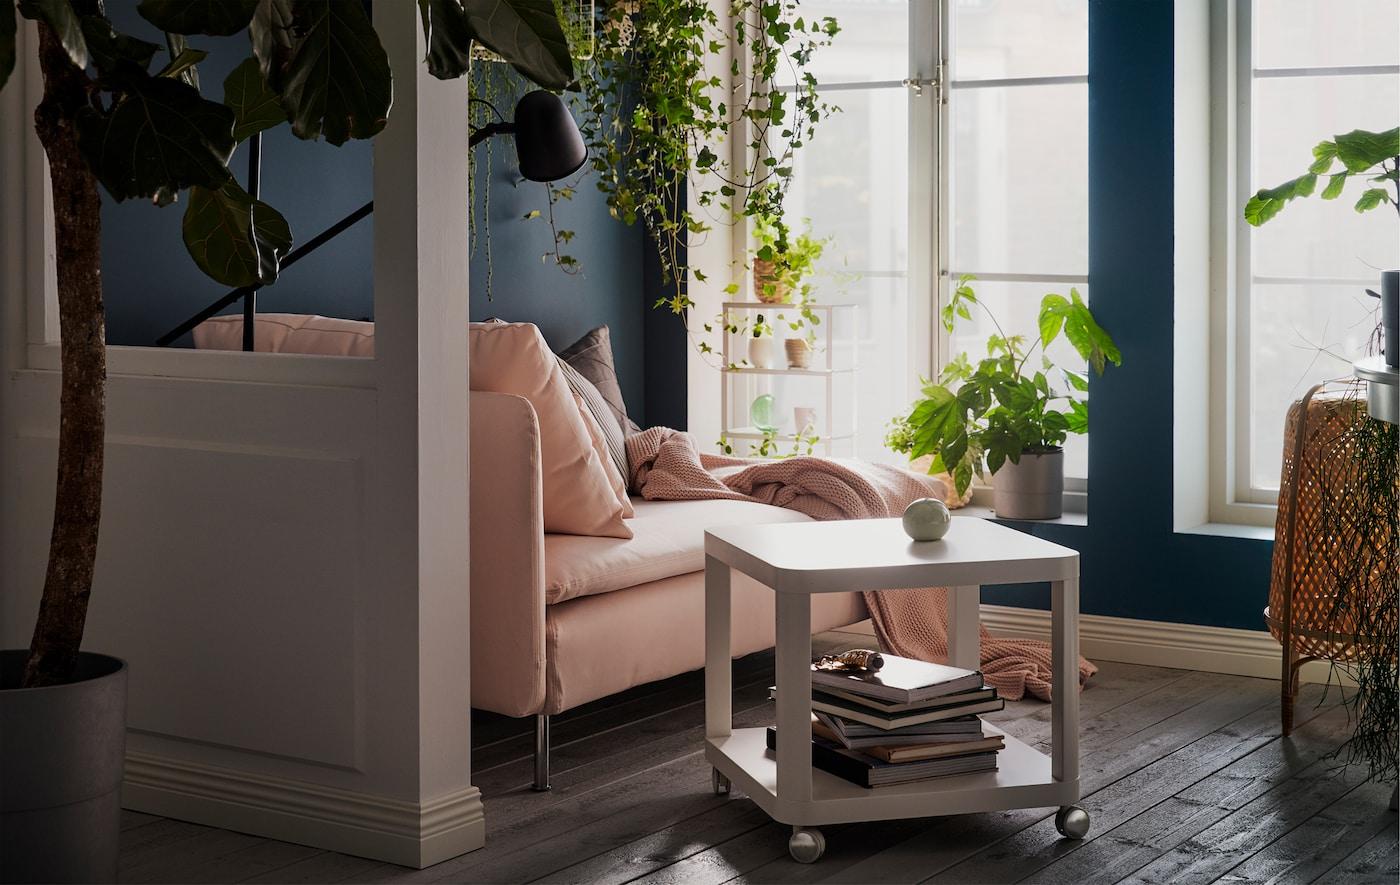 Szezlong przy nasłonecznionych, wysokich oknach. Poduszki, pled i lampa do czytania. Rośliny na parapecie, półkach ściennych i wiszące.